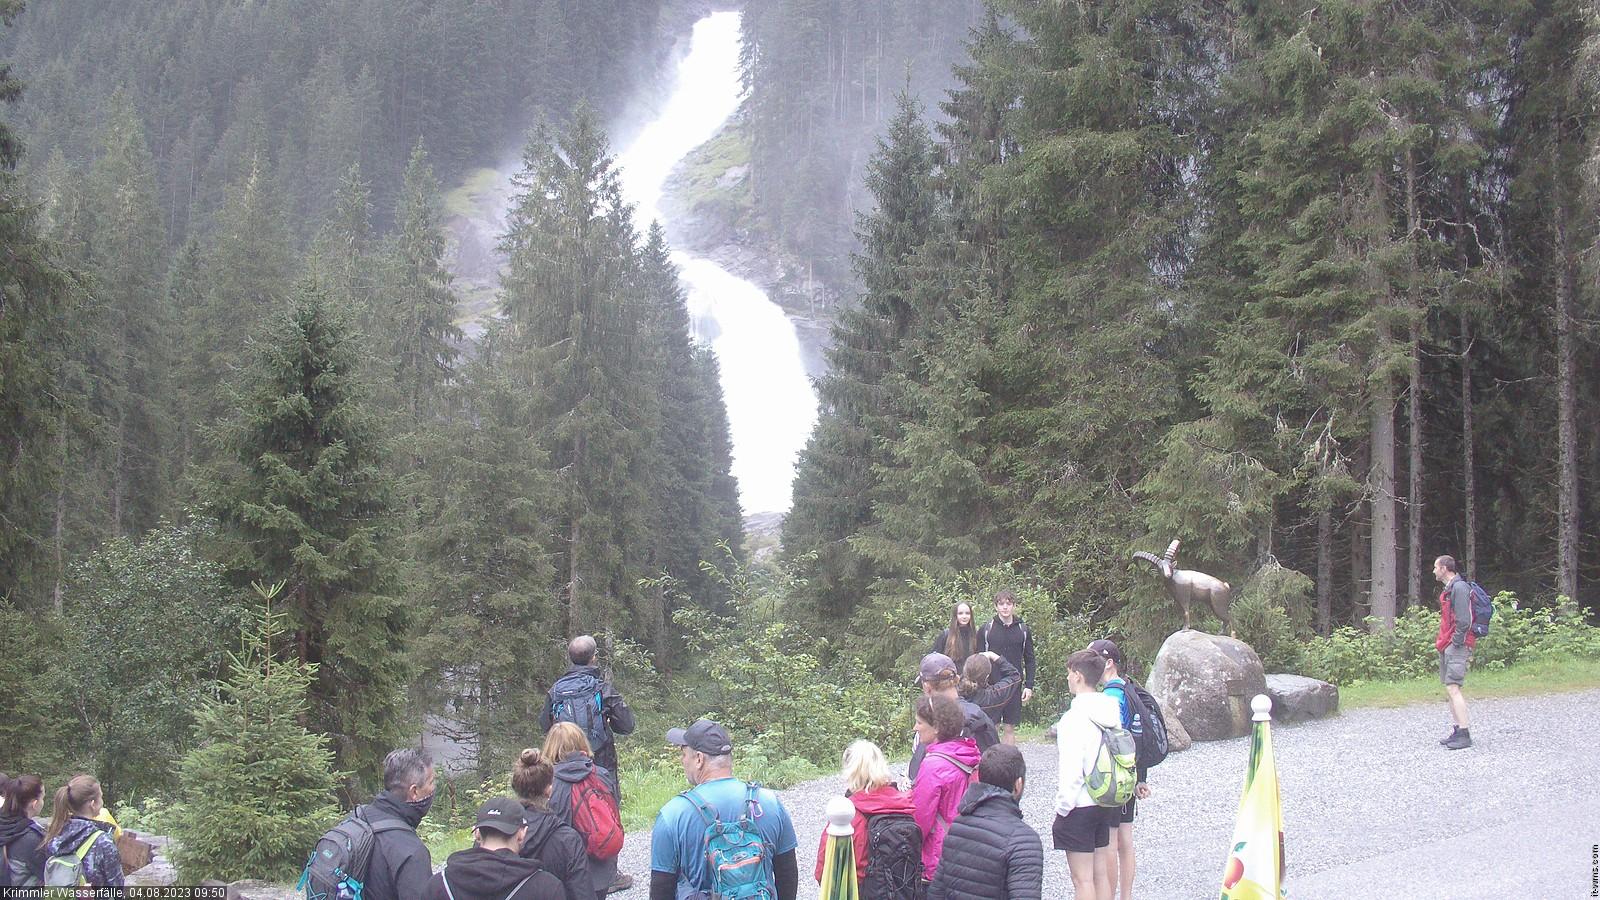 Webcam Thumpnail - Krimmler Wasserfälle